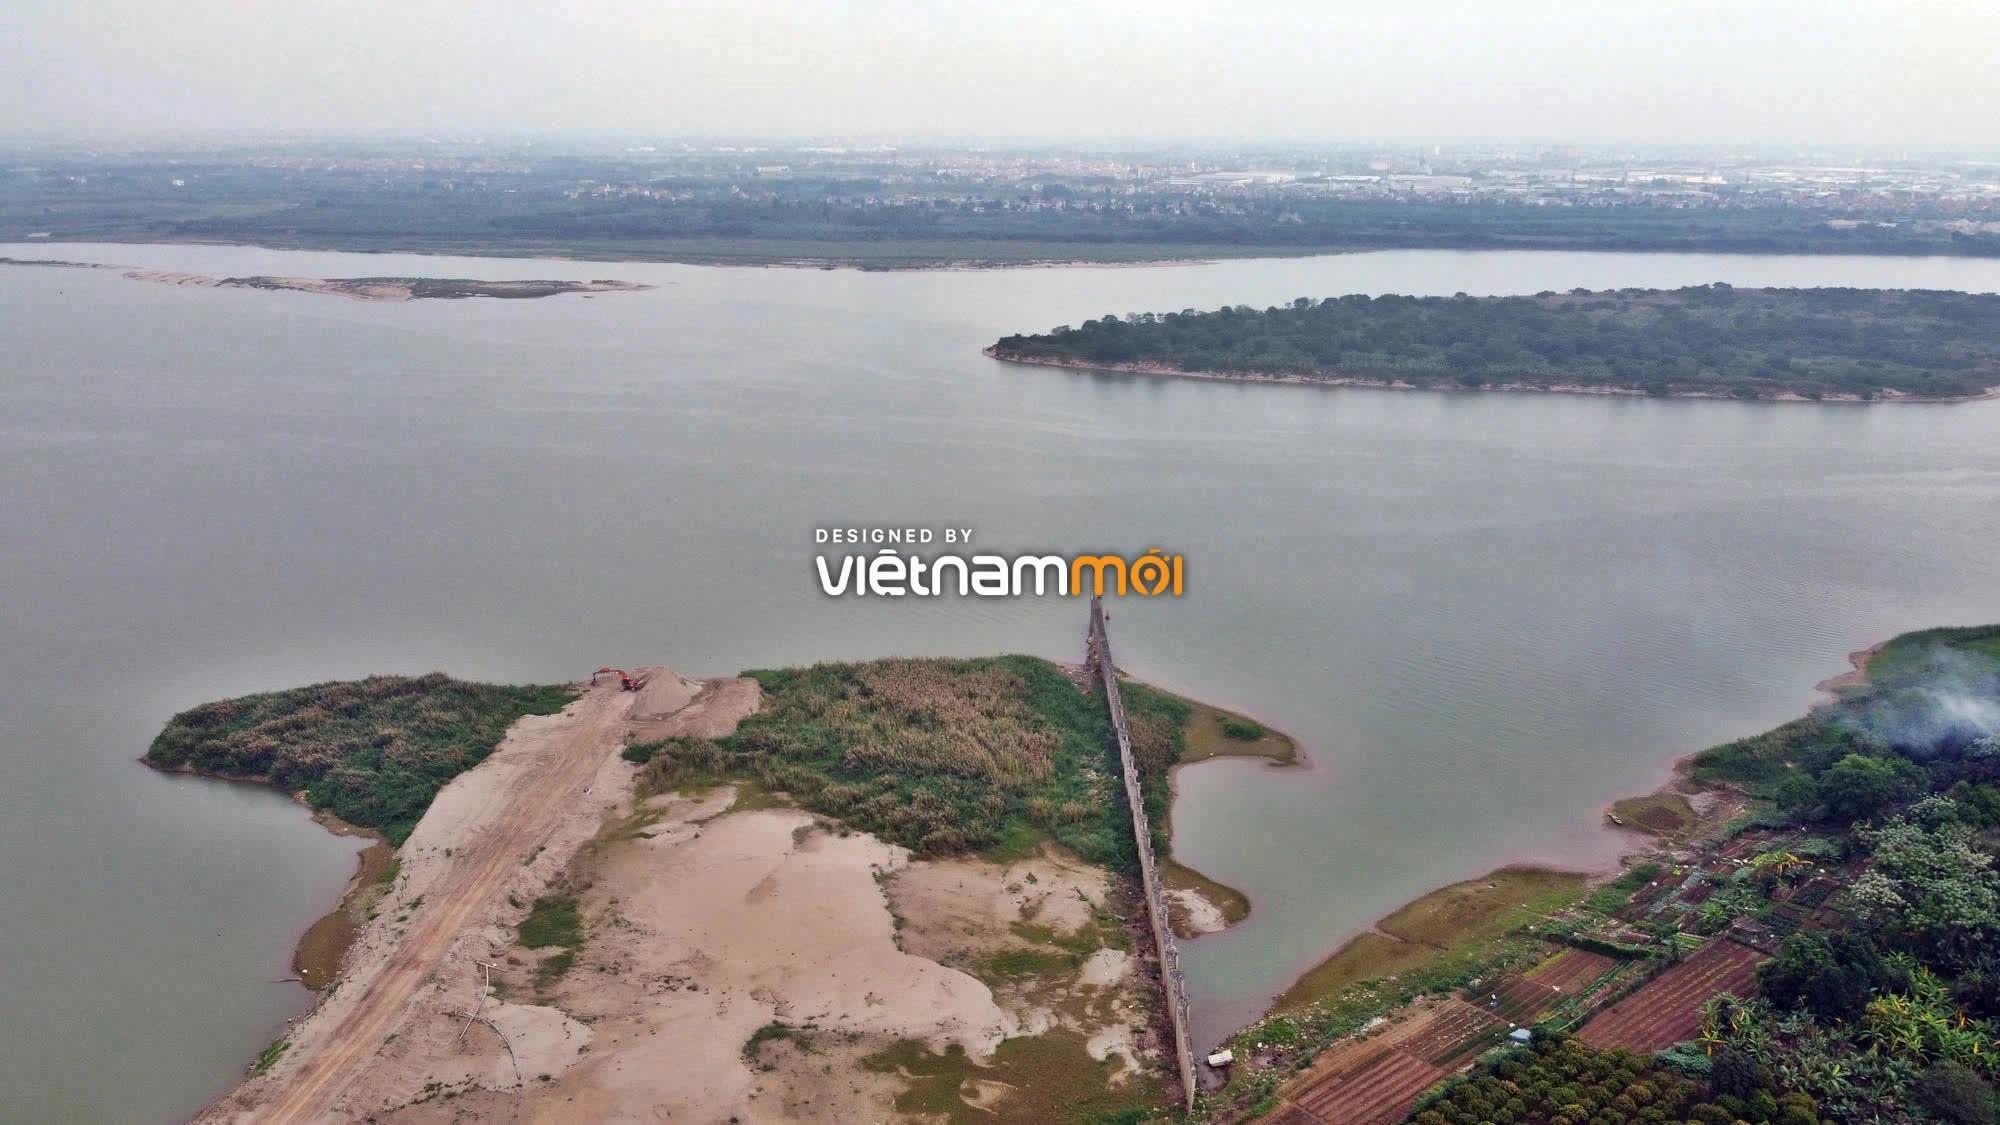 Toàn cảnh hiện trạng Phân khu đô thị sông Hồng trên địa bàn quận Bắc Từ Liêm - Ảnh 14.